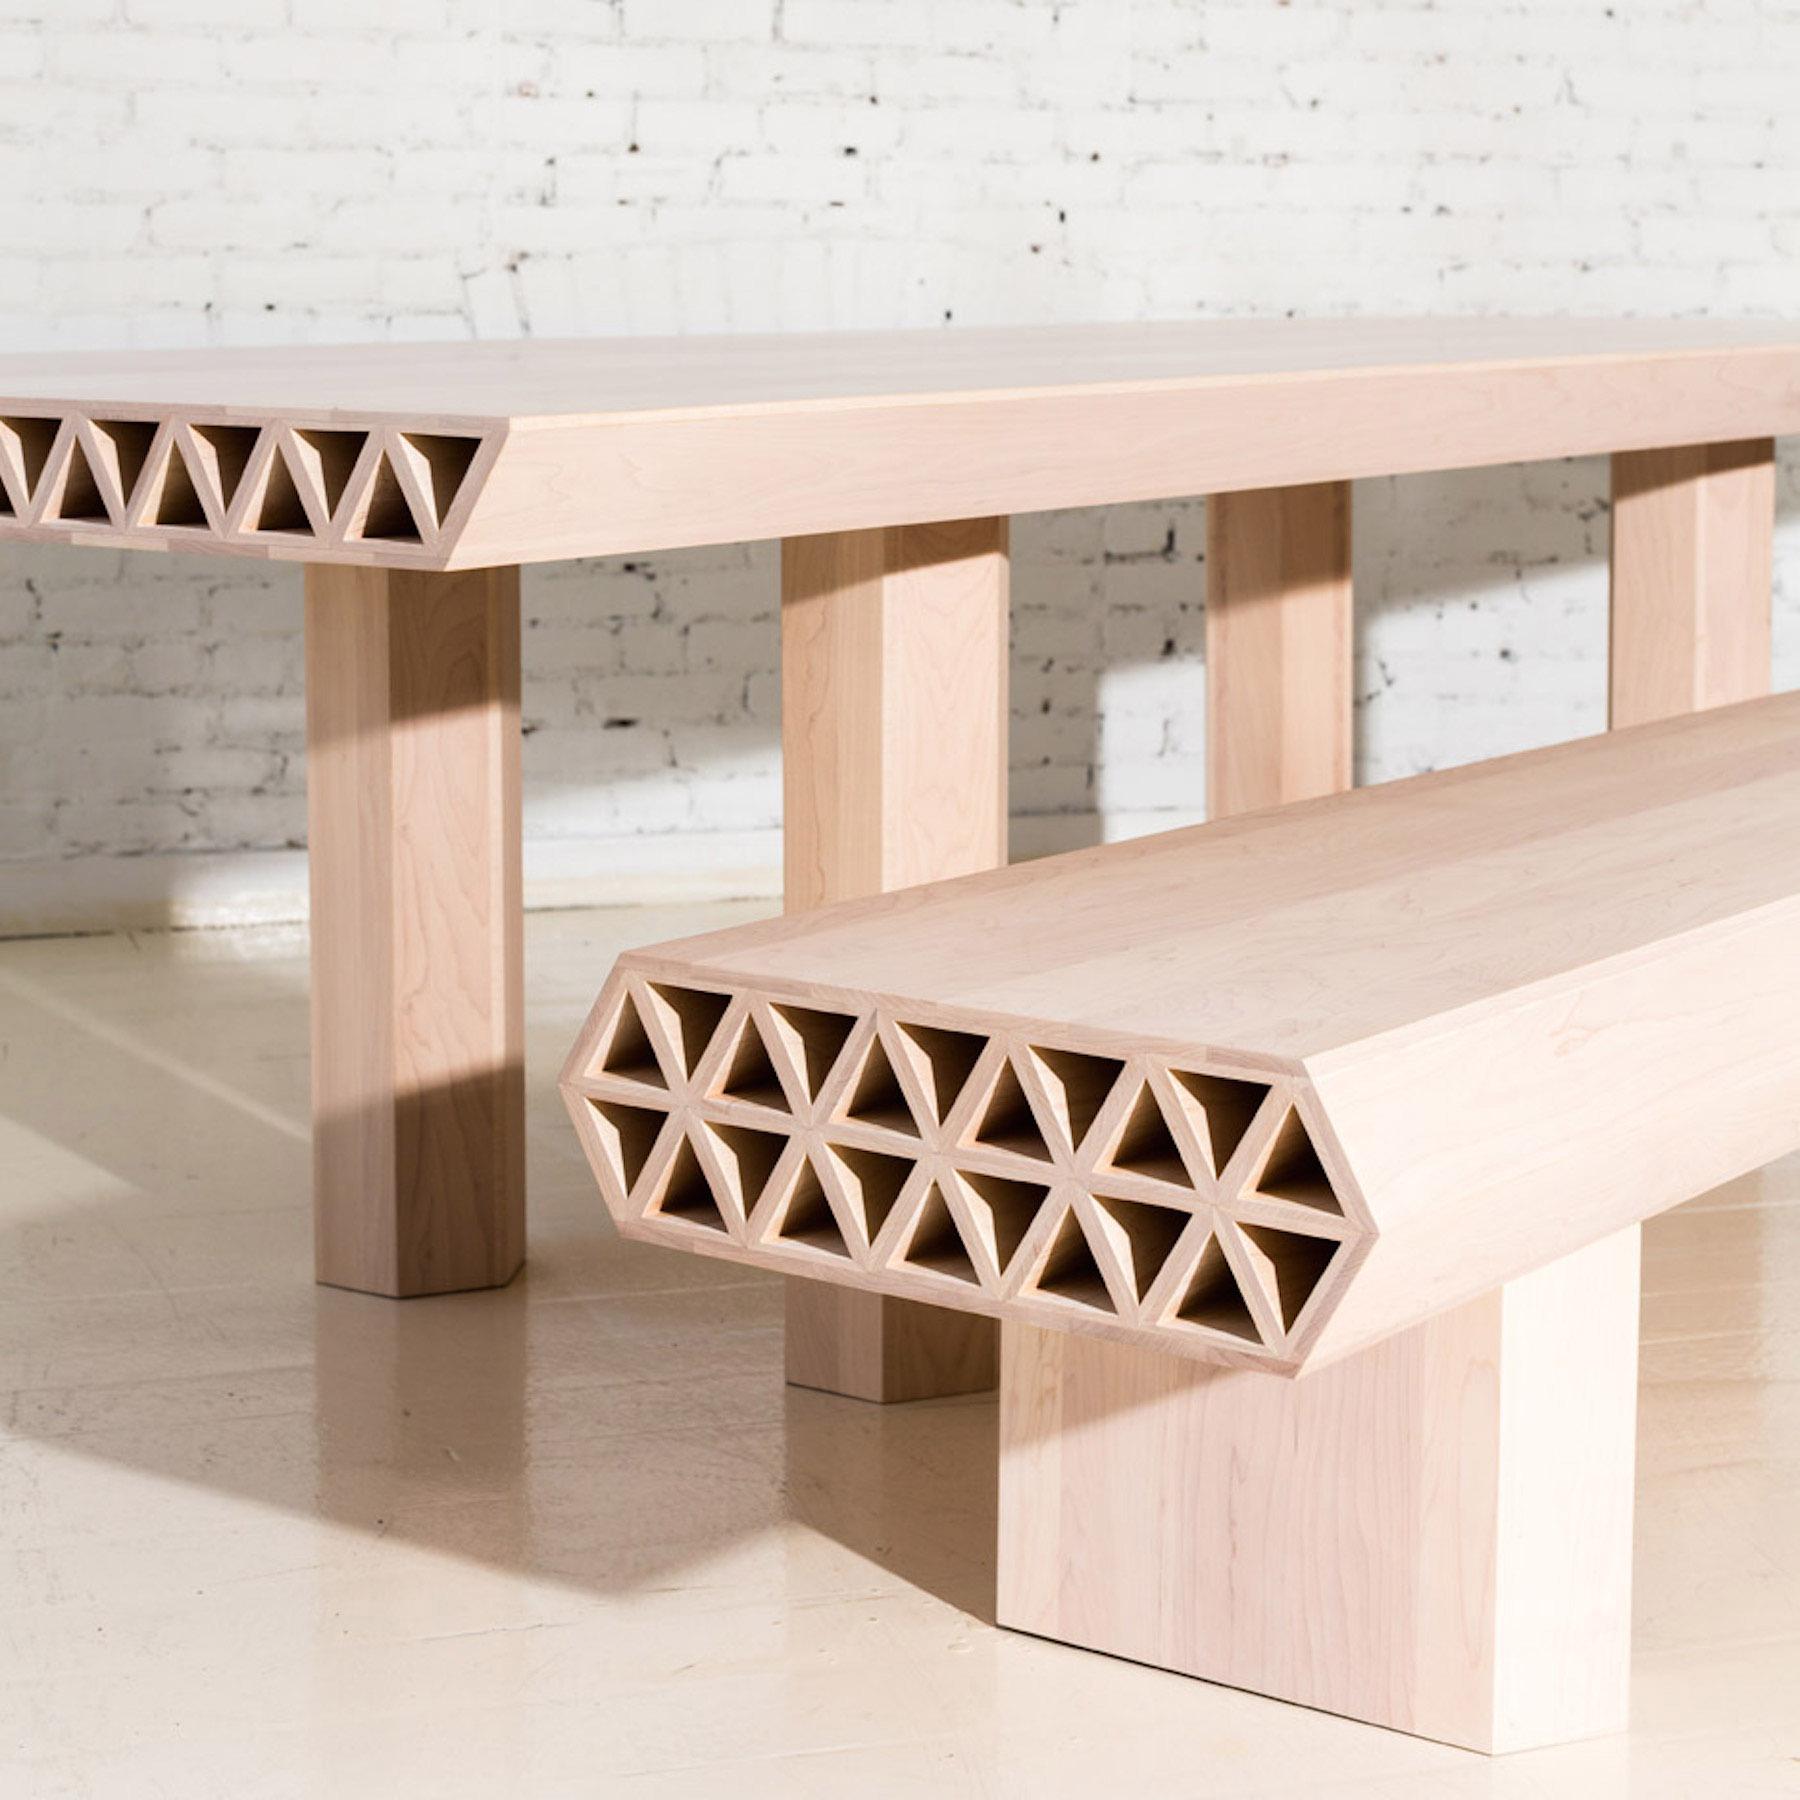 iGNANT-Design-Fort-Standard-04